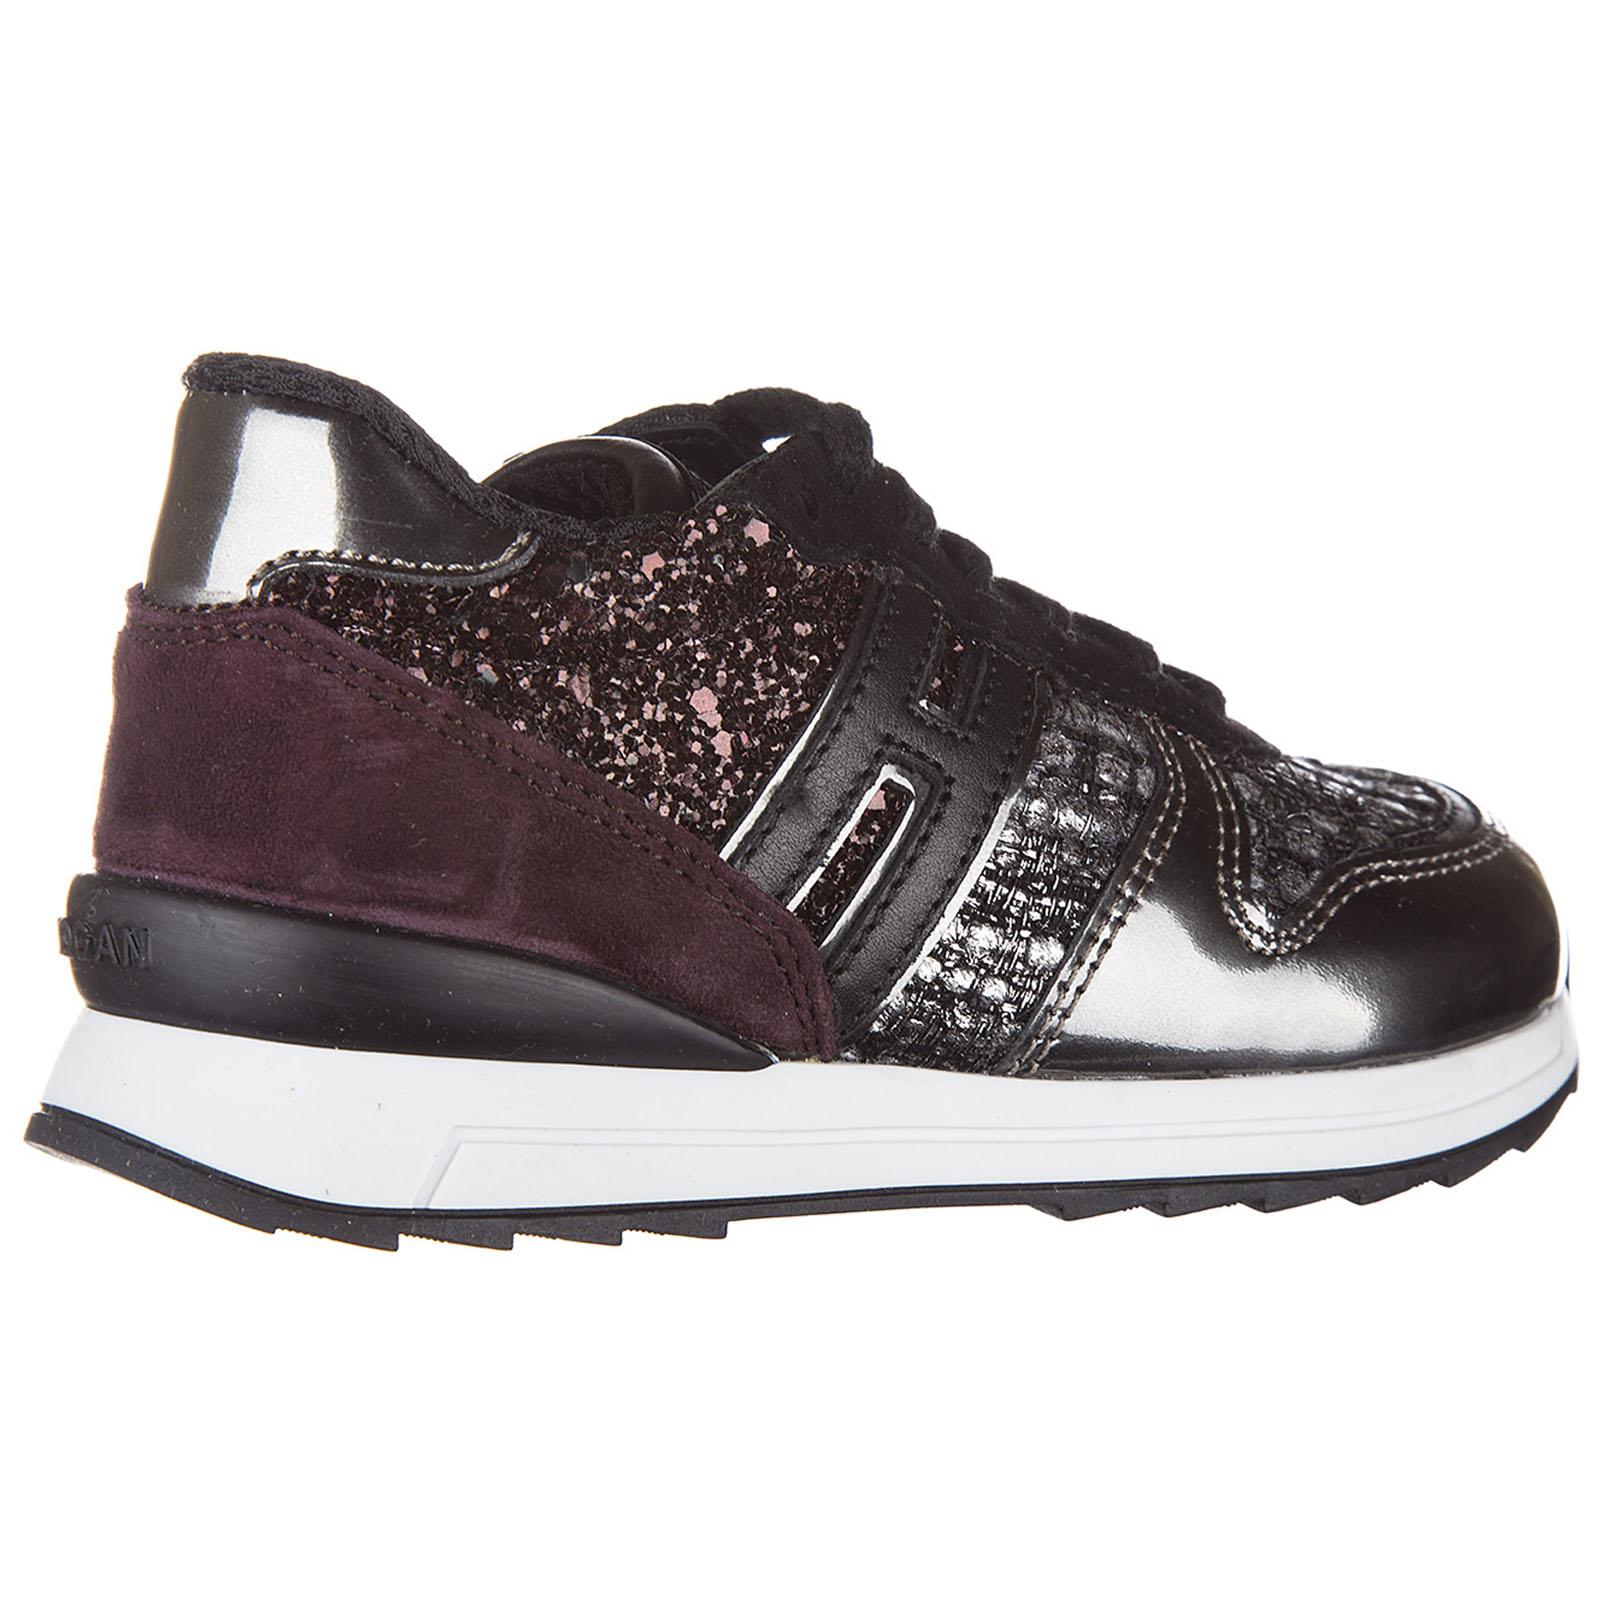 3bcfbce036d625 ... Scarpe sneakers bimba bambina pelle r261 allacciato zip ...